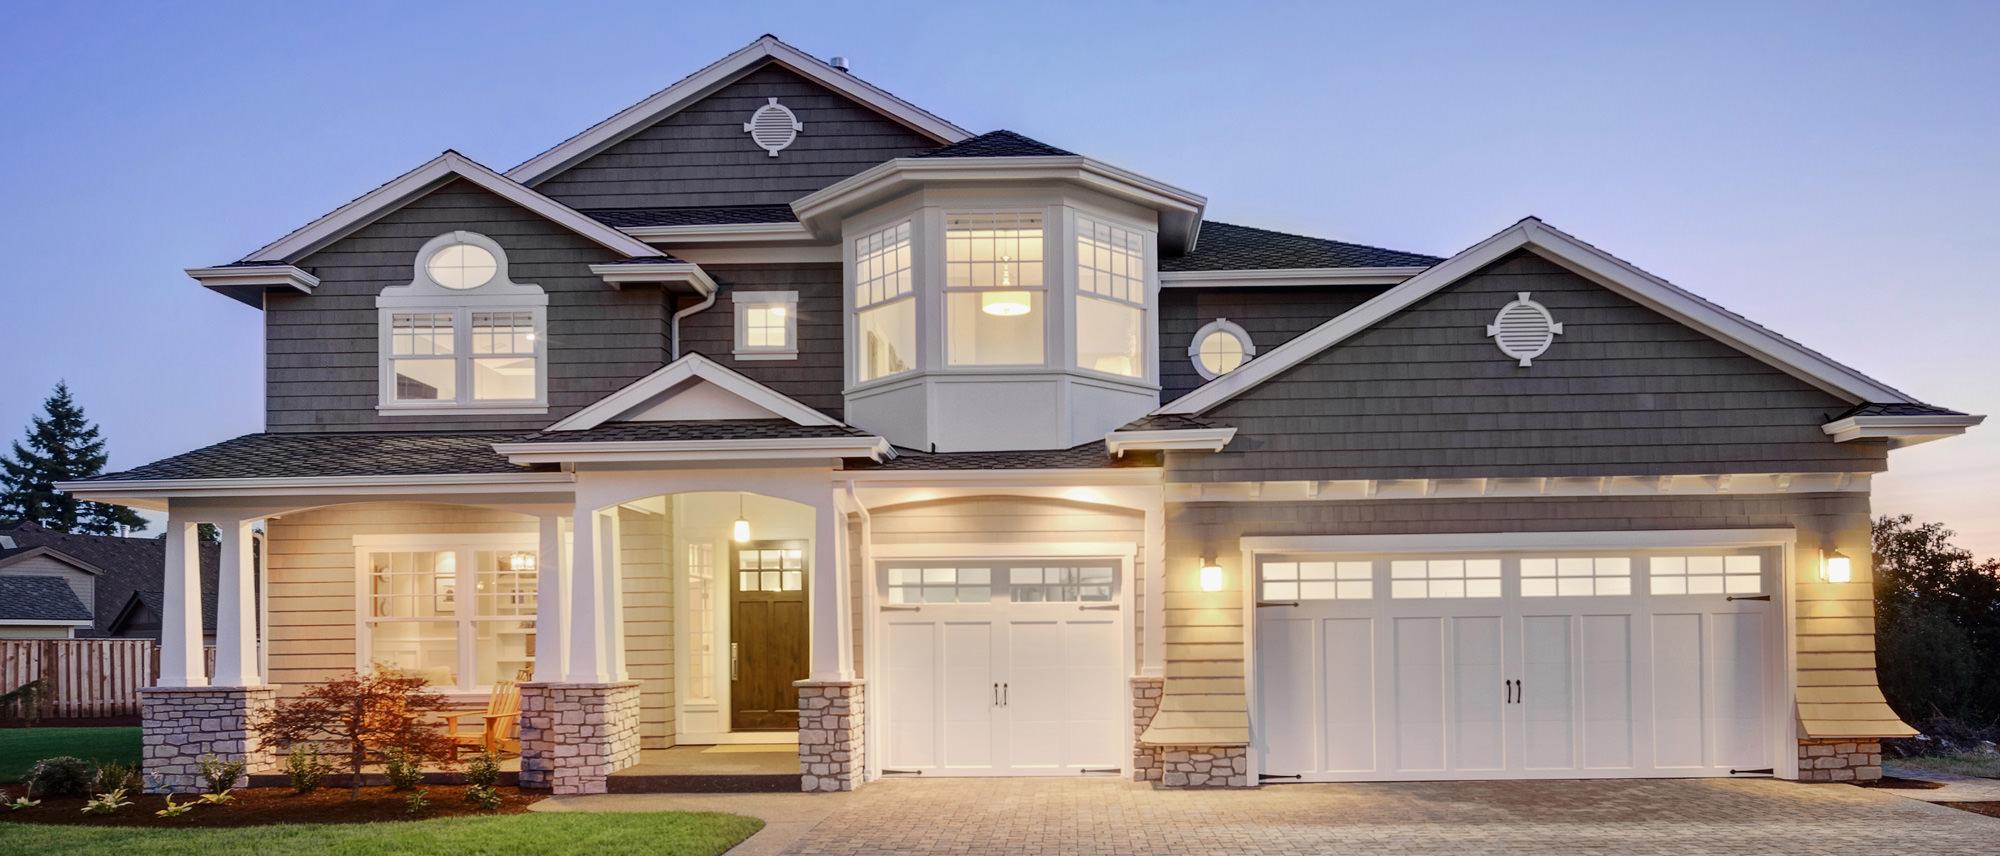 Image of a radon-free home in Colorado